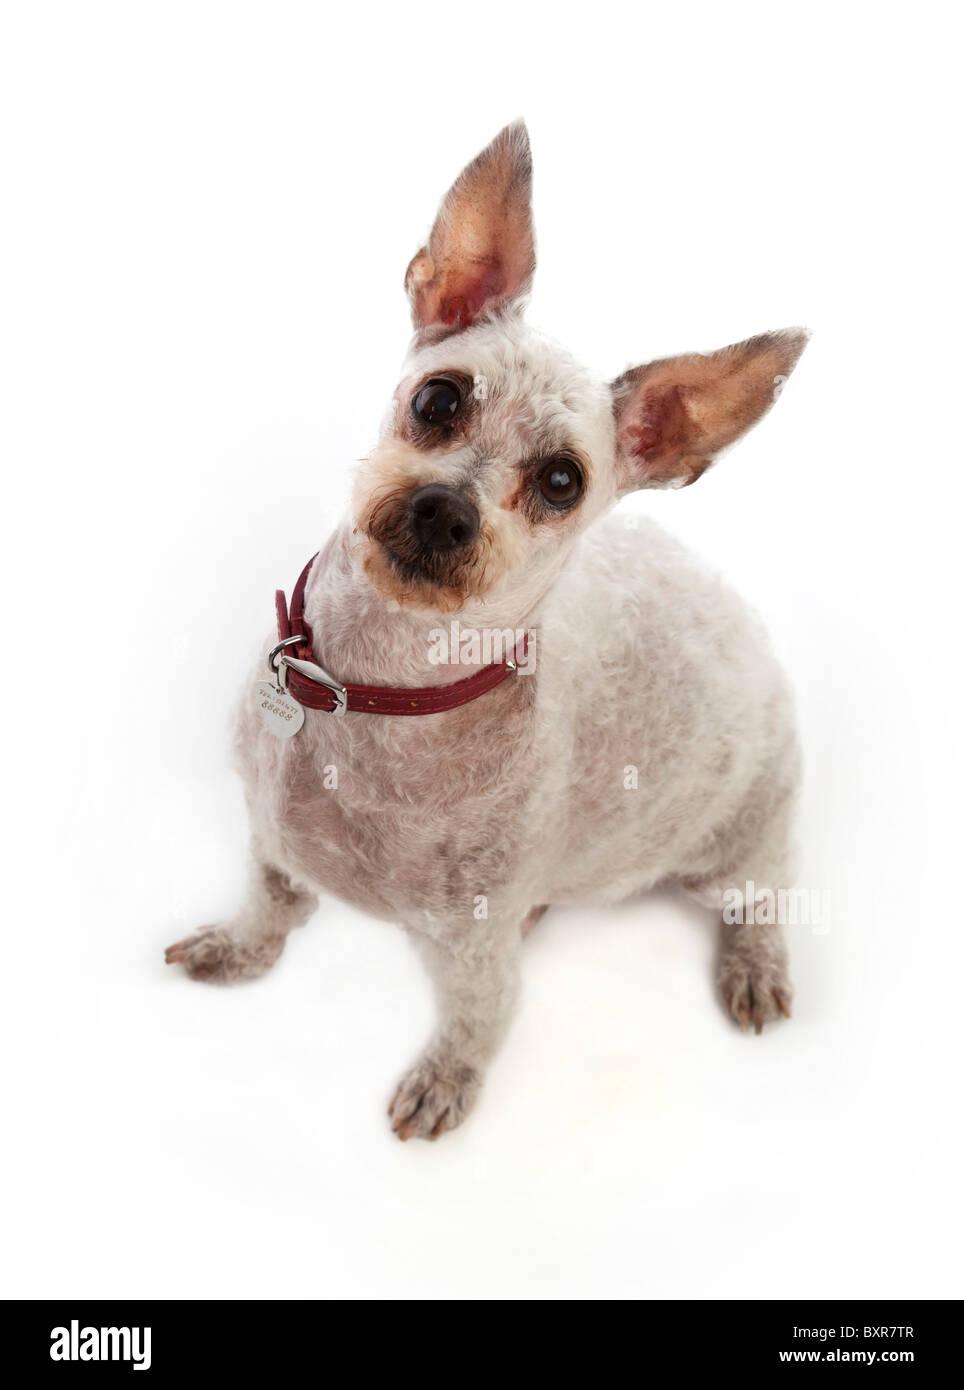 pet dog - Stock Image